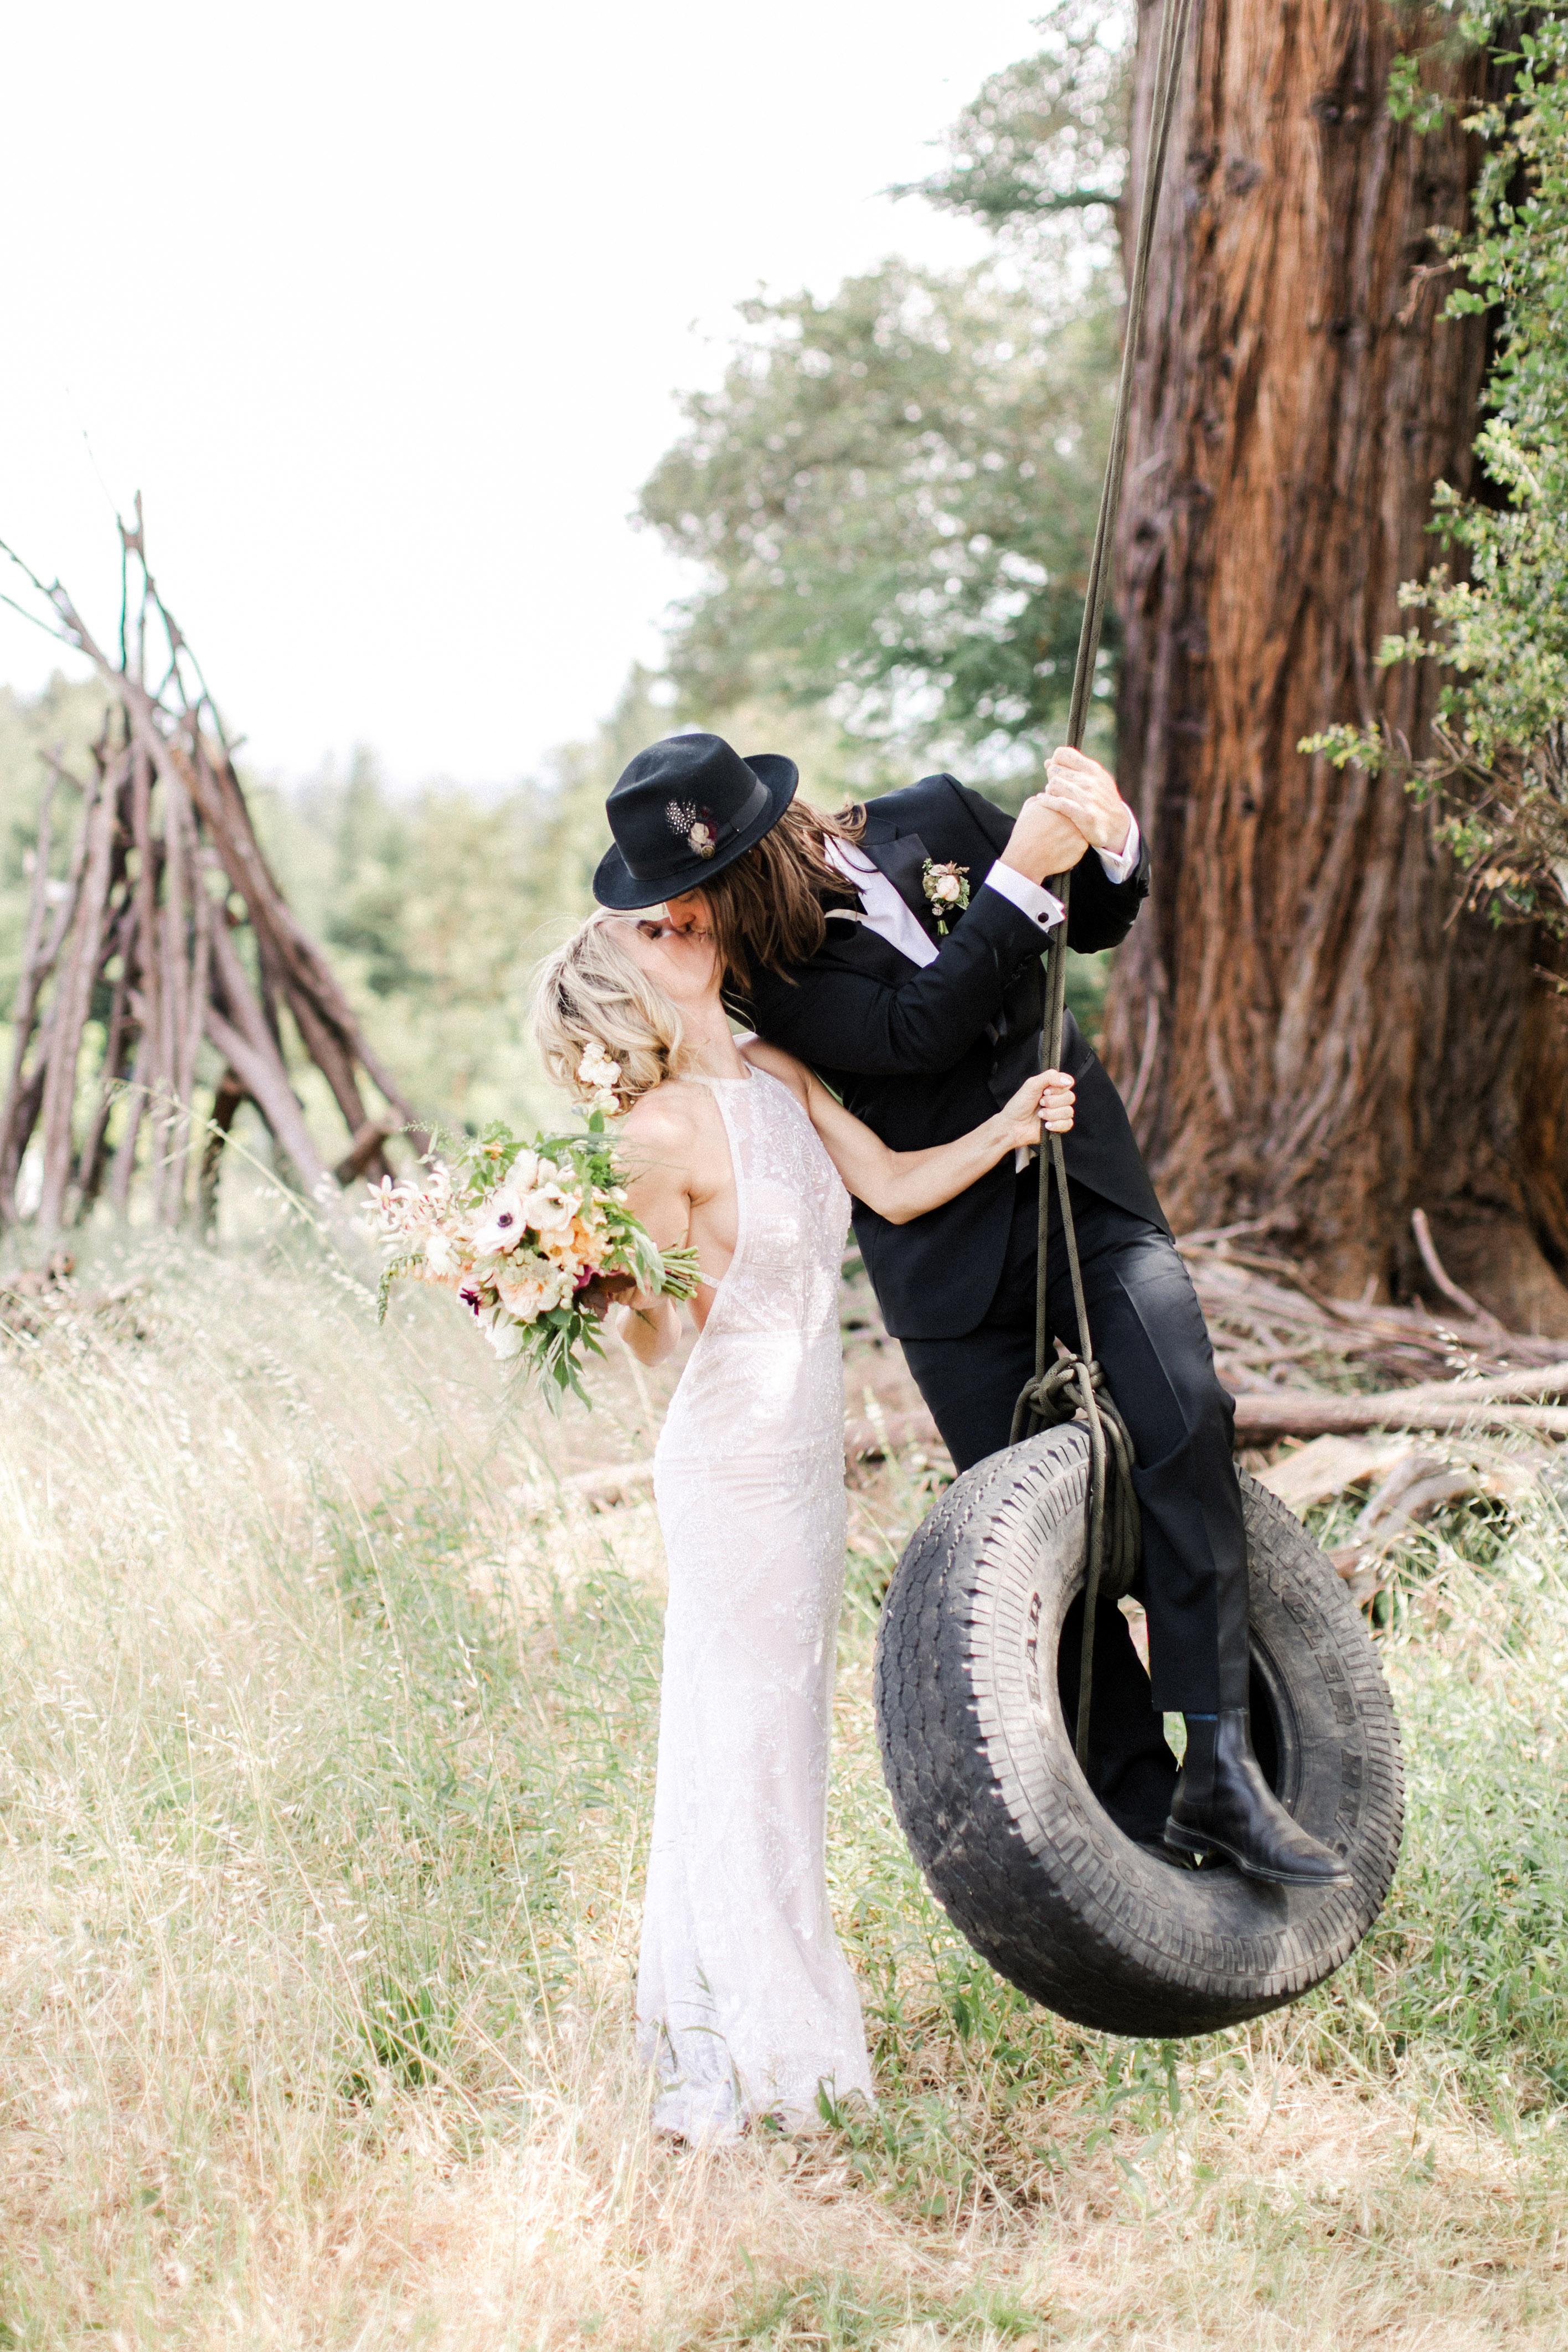 amanda chase wedding couple kissing on tire swing